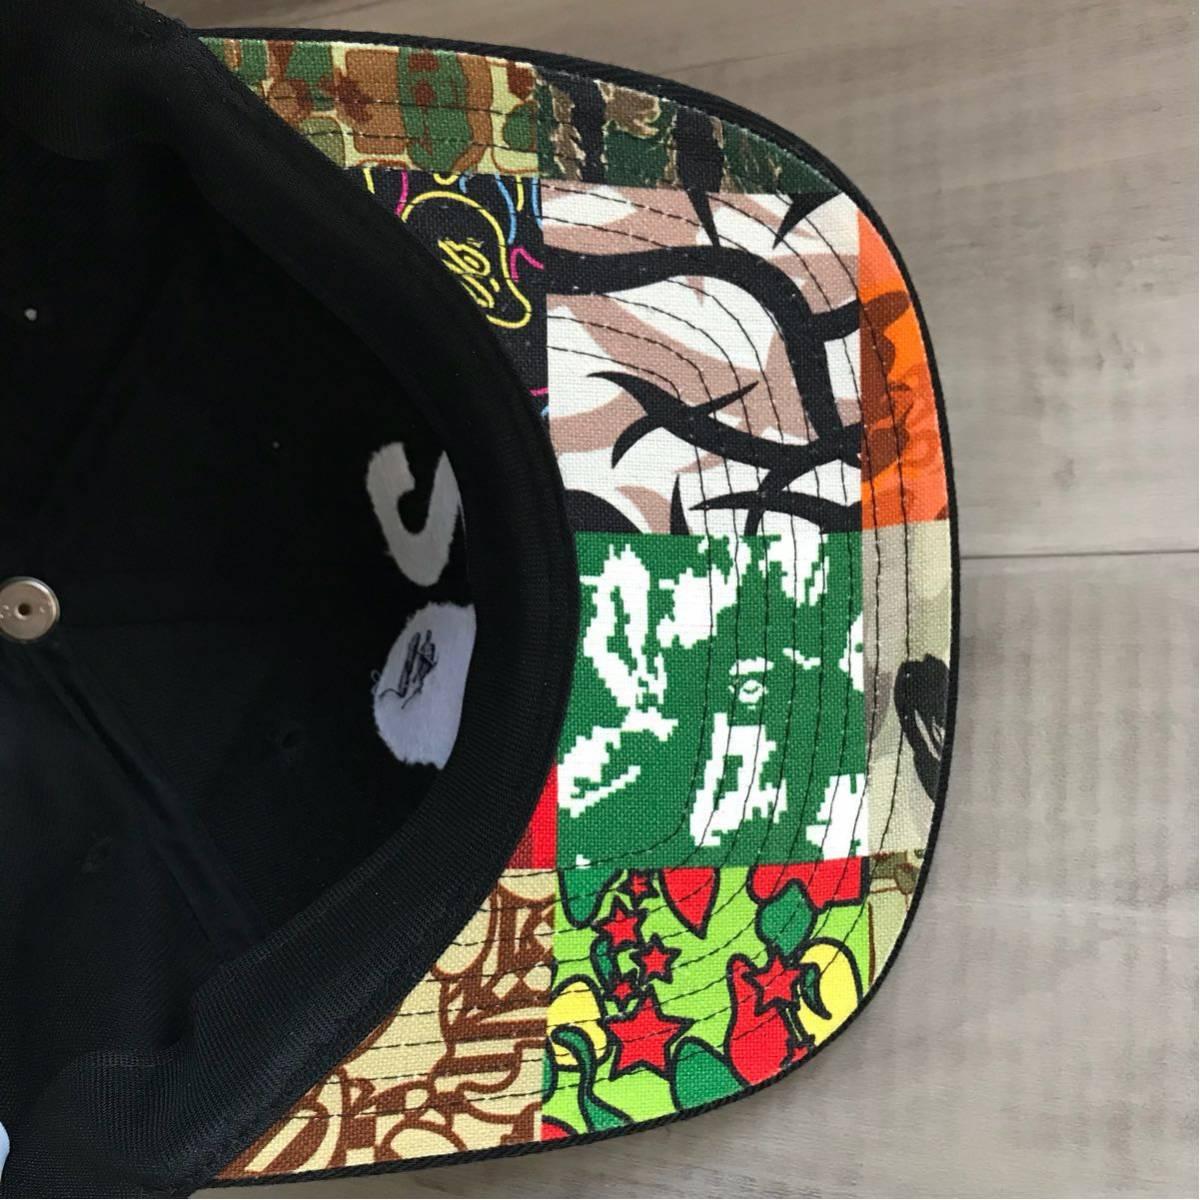 ★激レア★ NW20周年記念 キャップ a bathing ape BAPE 帽子 エイプ ベイプ アベイシングエイプ 迷彩 trucker hat cap 20th psyche camo